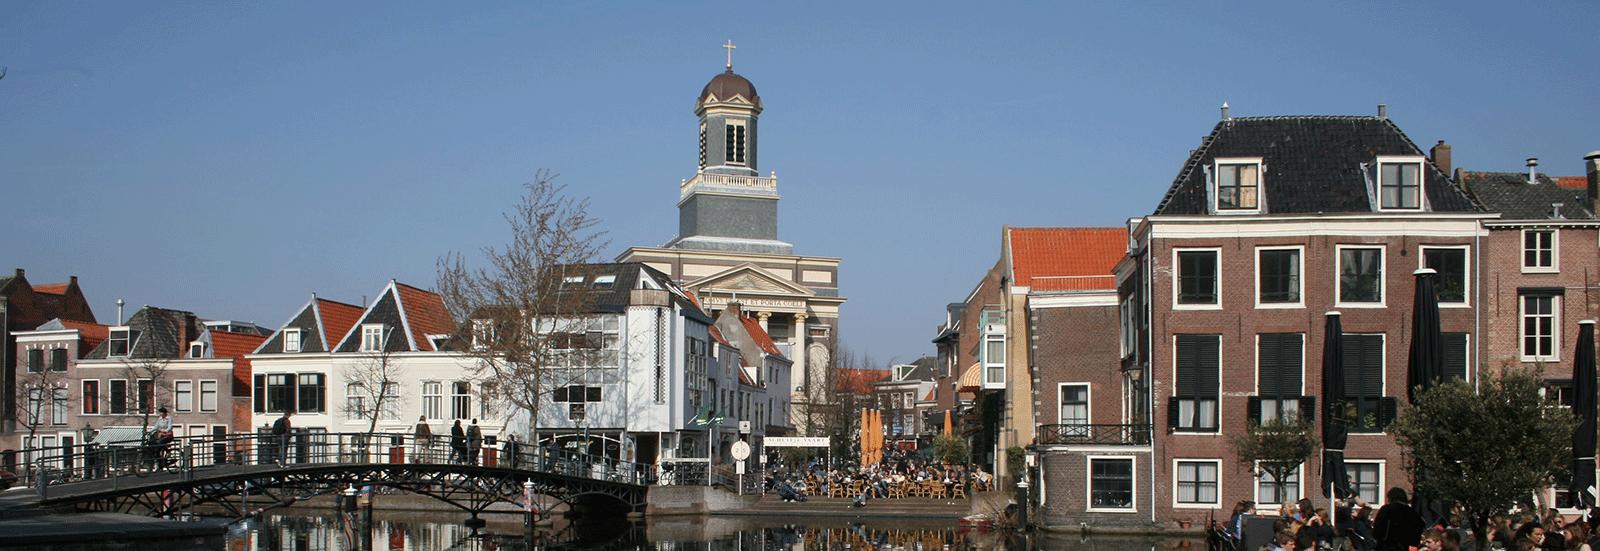 2012_hartebrugkerk_lr